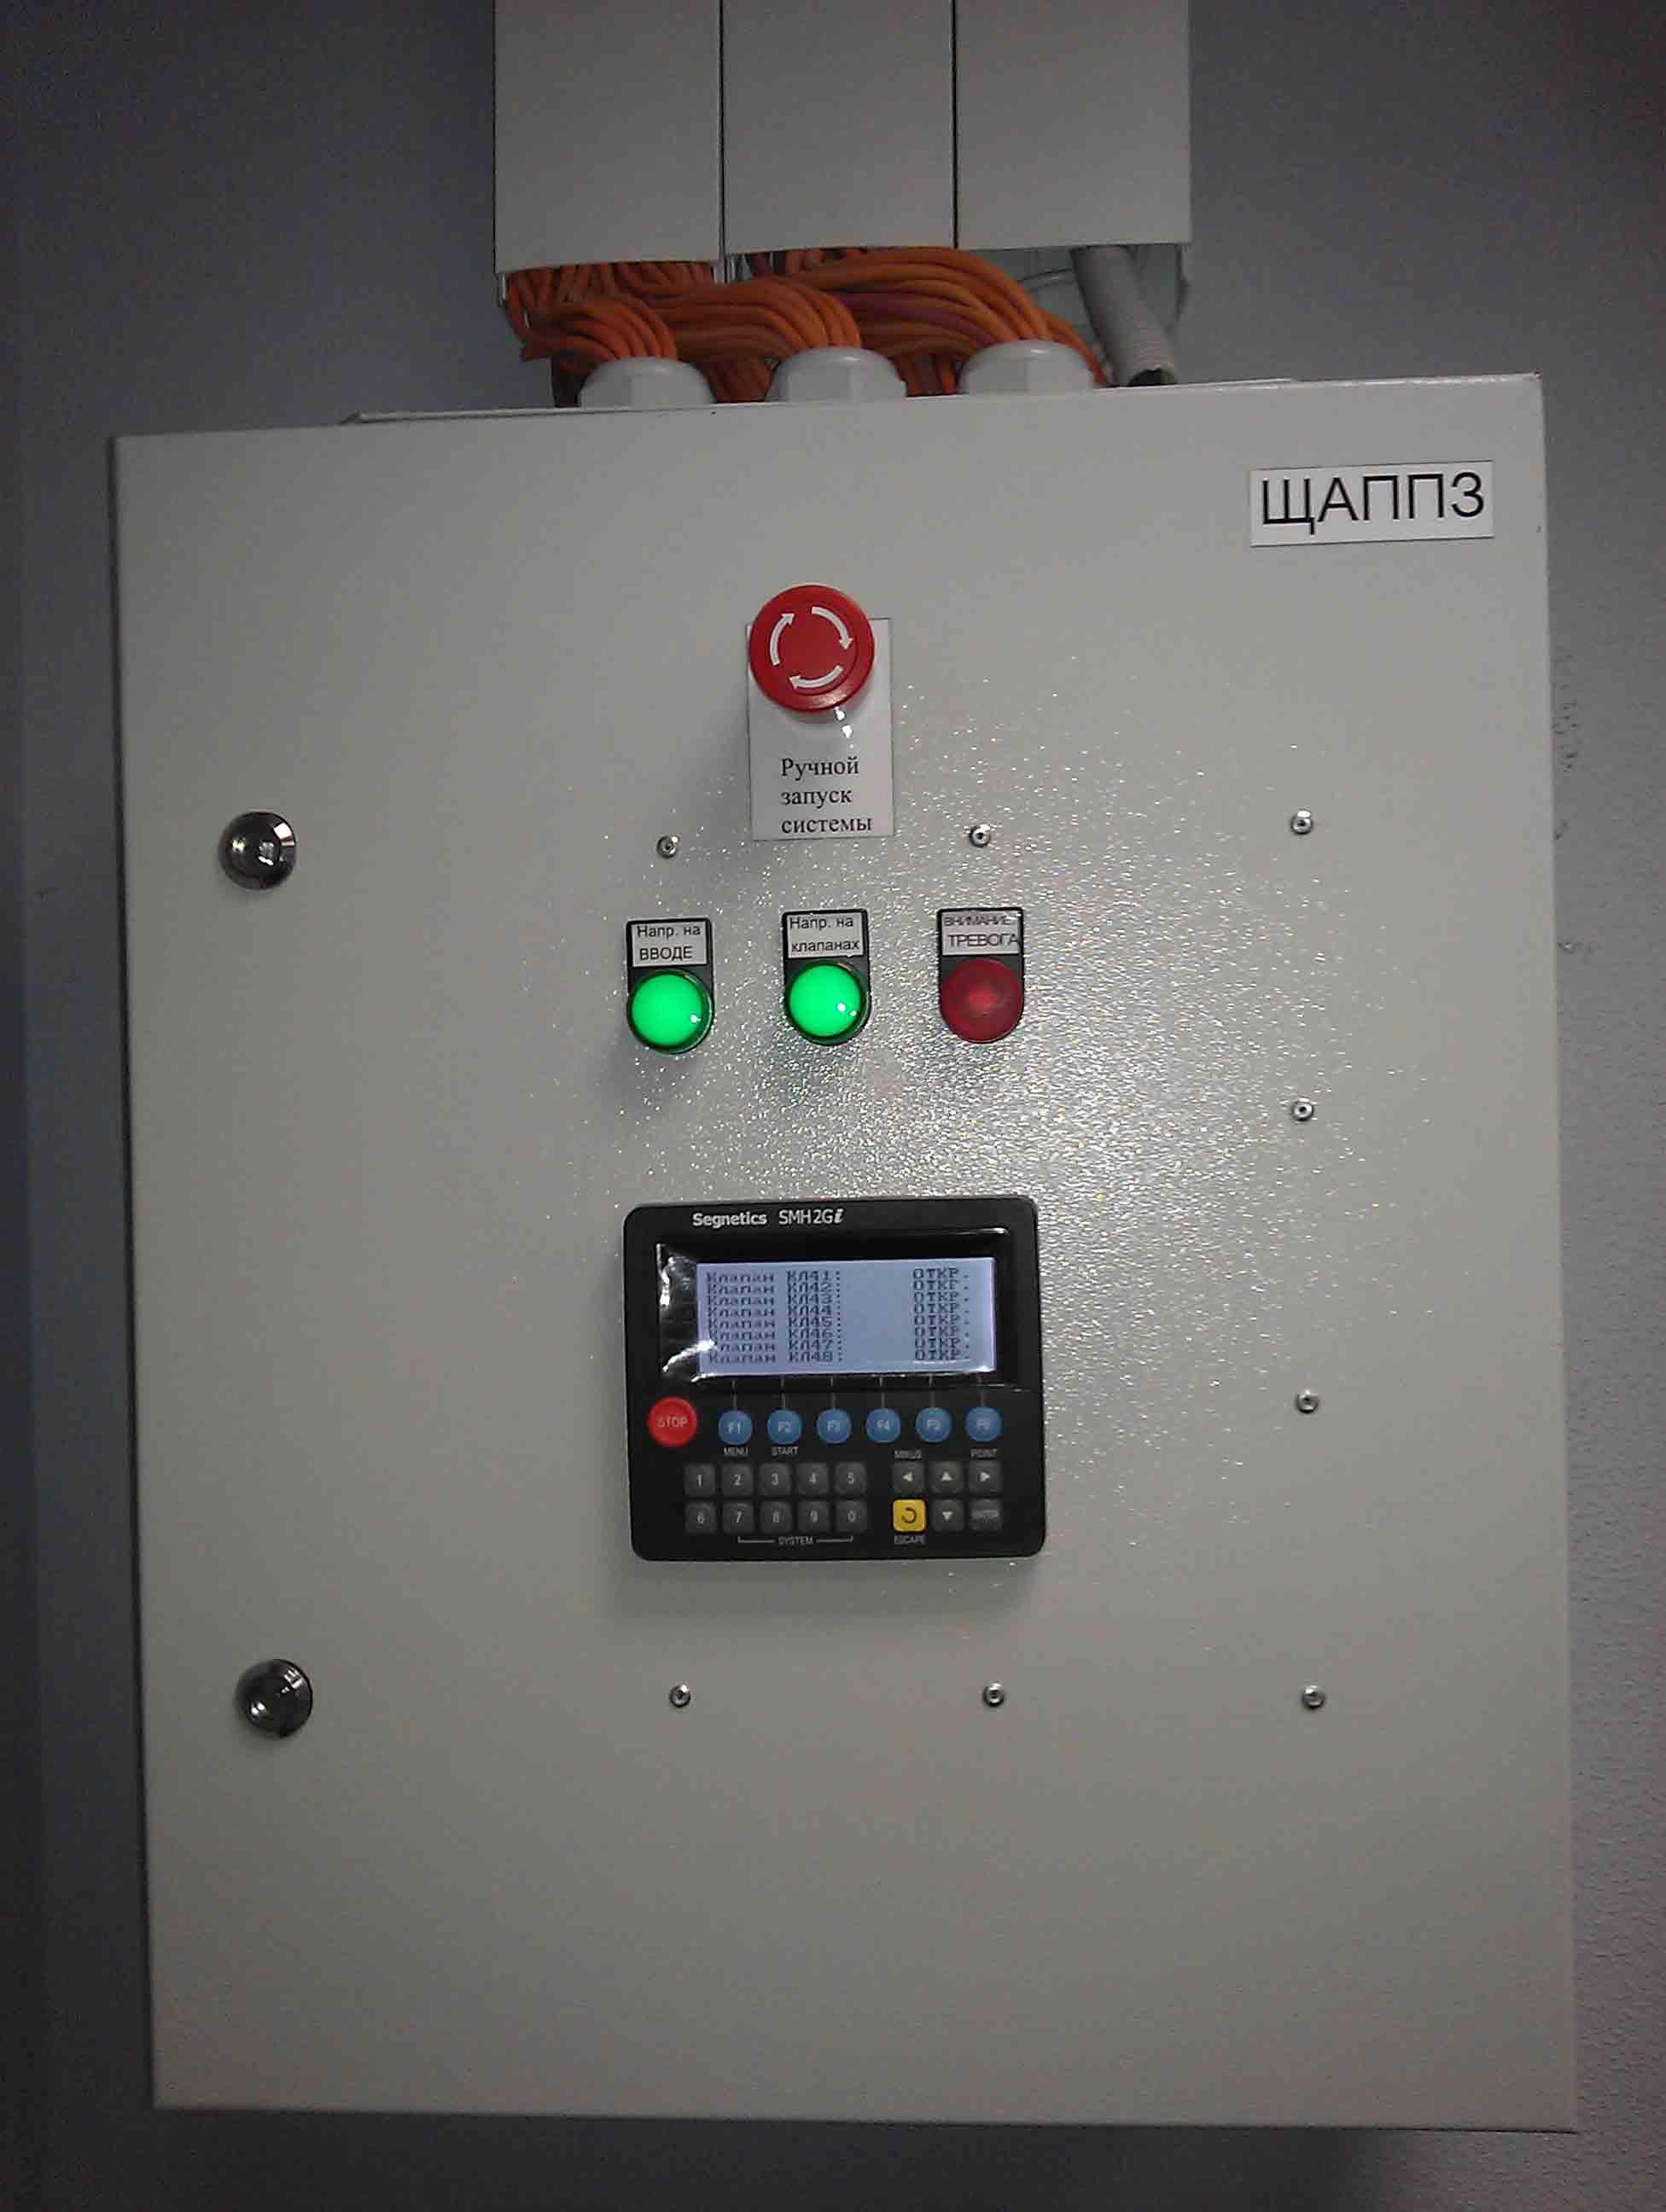 Современный отечественный программируемый панельный контроллер Segnetics SMH 2Gi с Linux и ISaGRAF: от реализации к успешному внедрению в проекте обеспечения пожарной безопасности